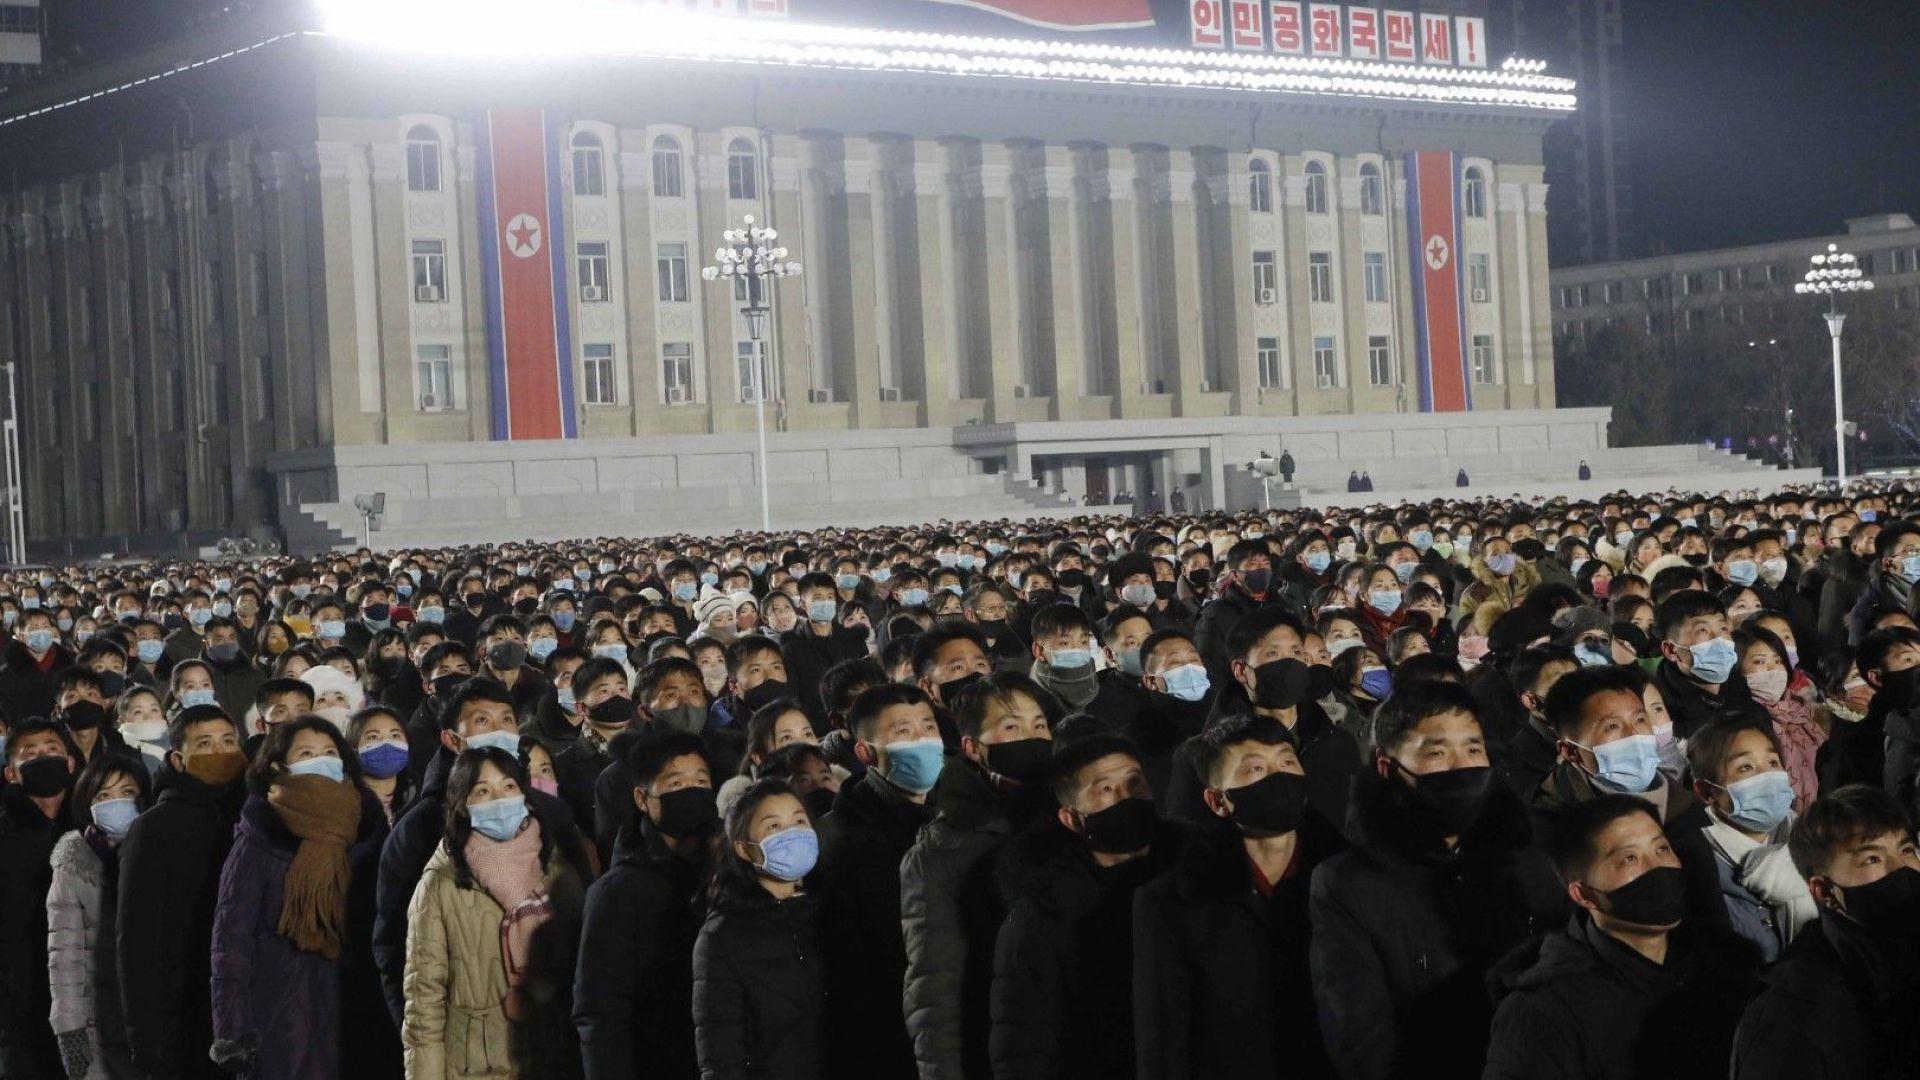 Северна Корея посрещна Нова година с празник на открито въпреки ограниченията